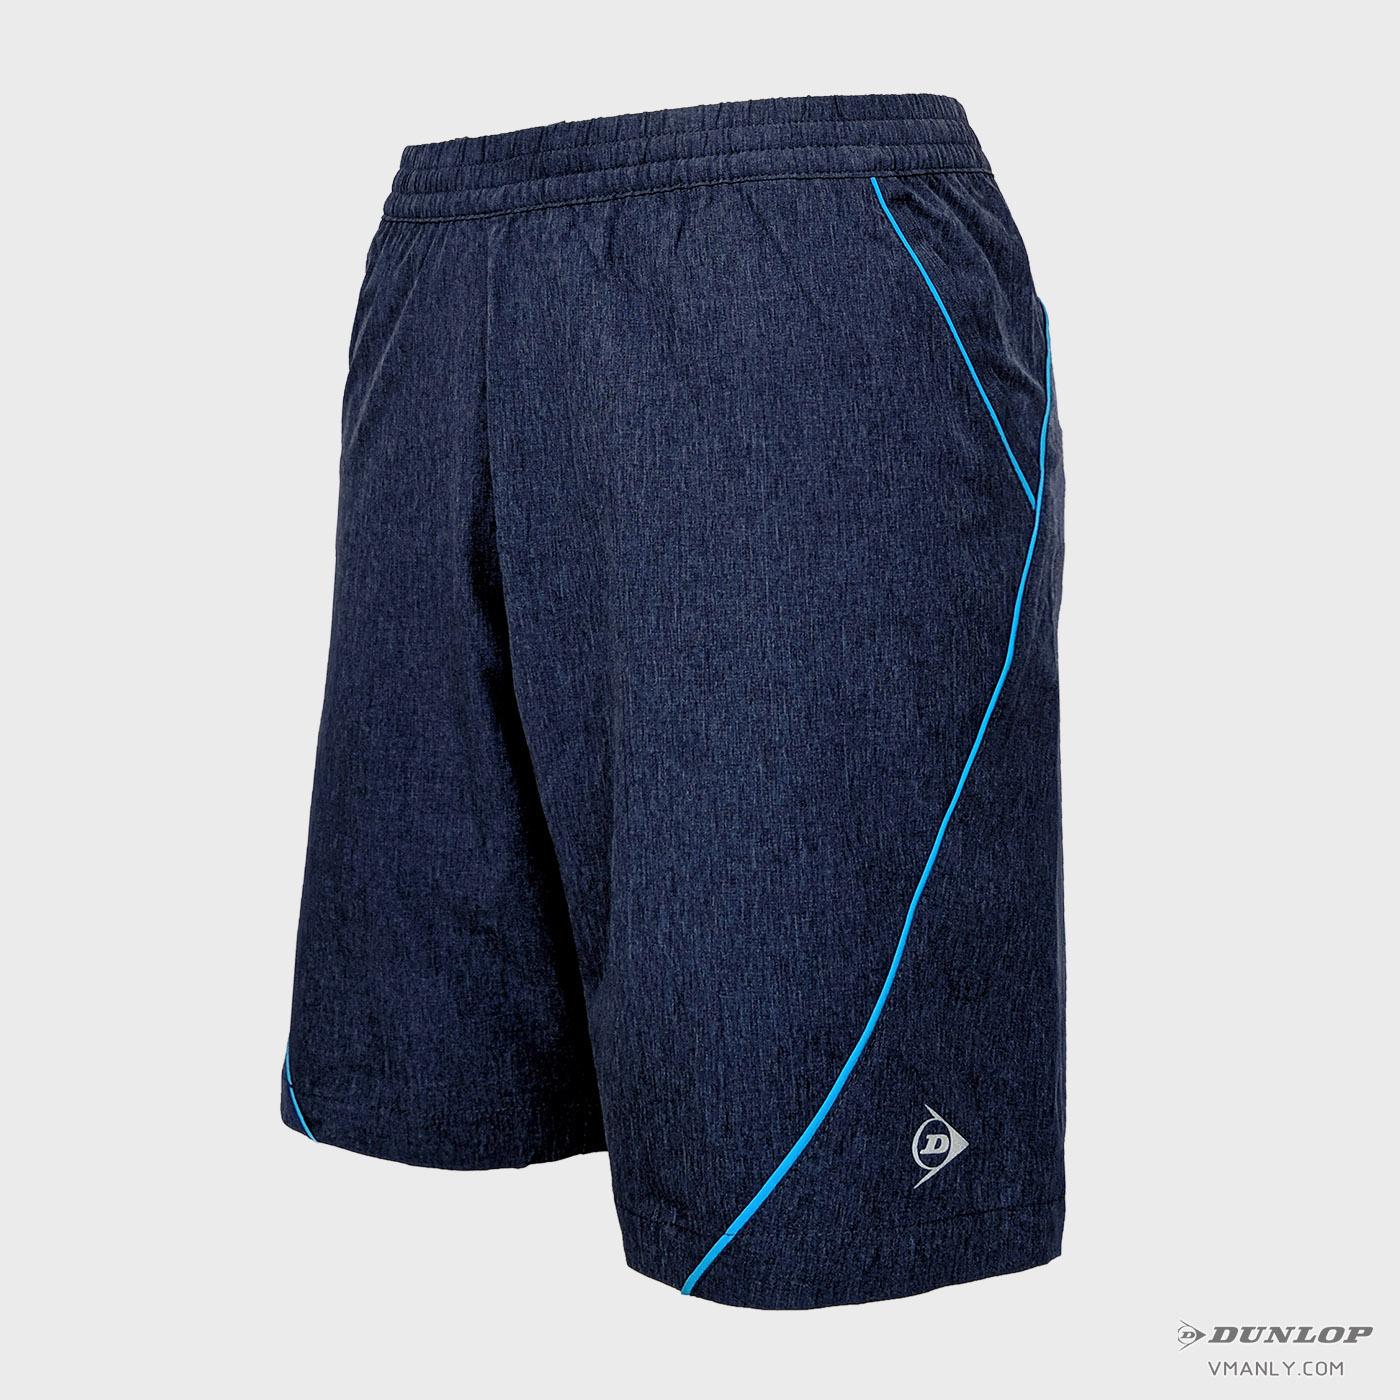 Quần short nam DUNLOP màu xanh navy DQTES8009-1S